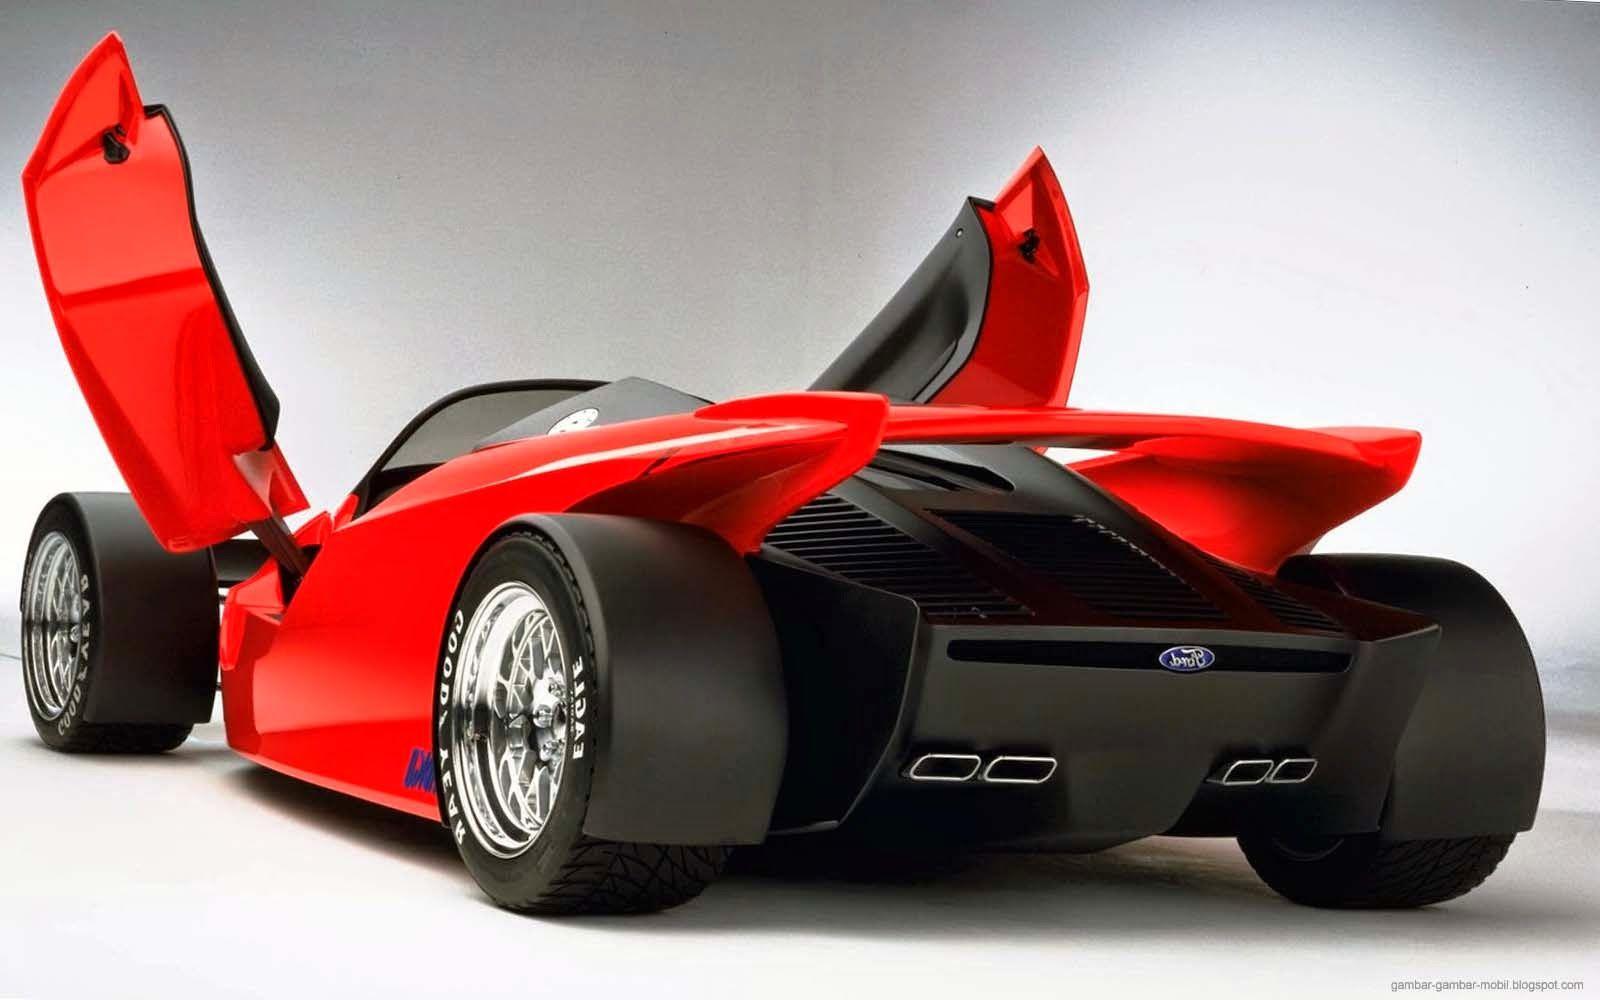 Gambar Mobil Keren Mewah Gambar Gambar Mobil Mobil Keren Mobil Mobil Mewah